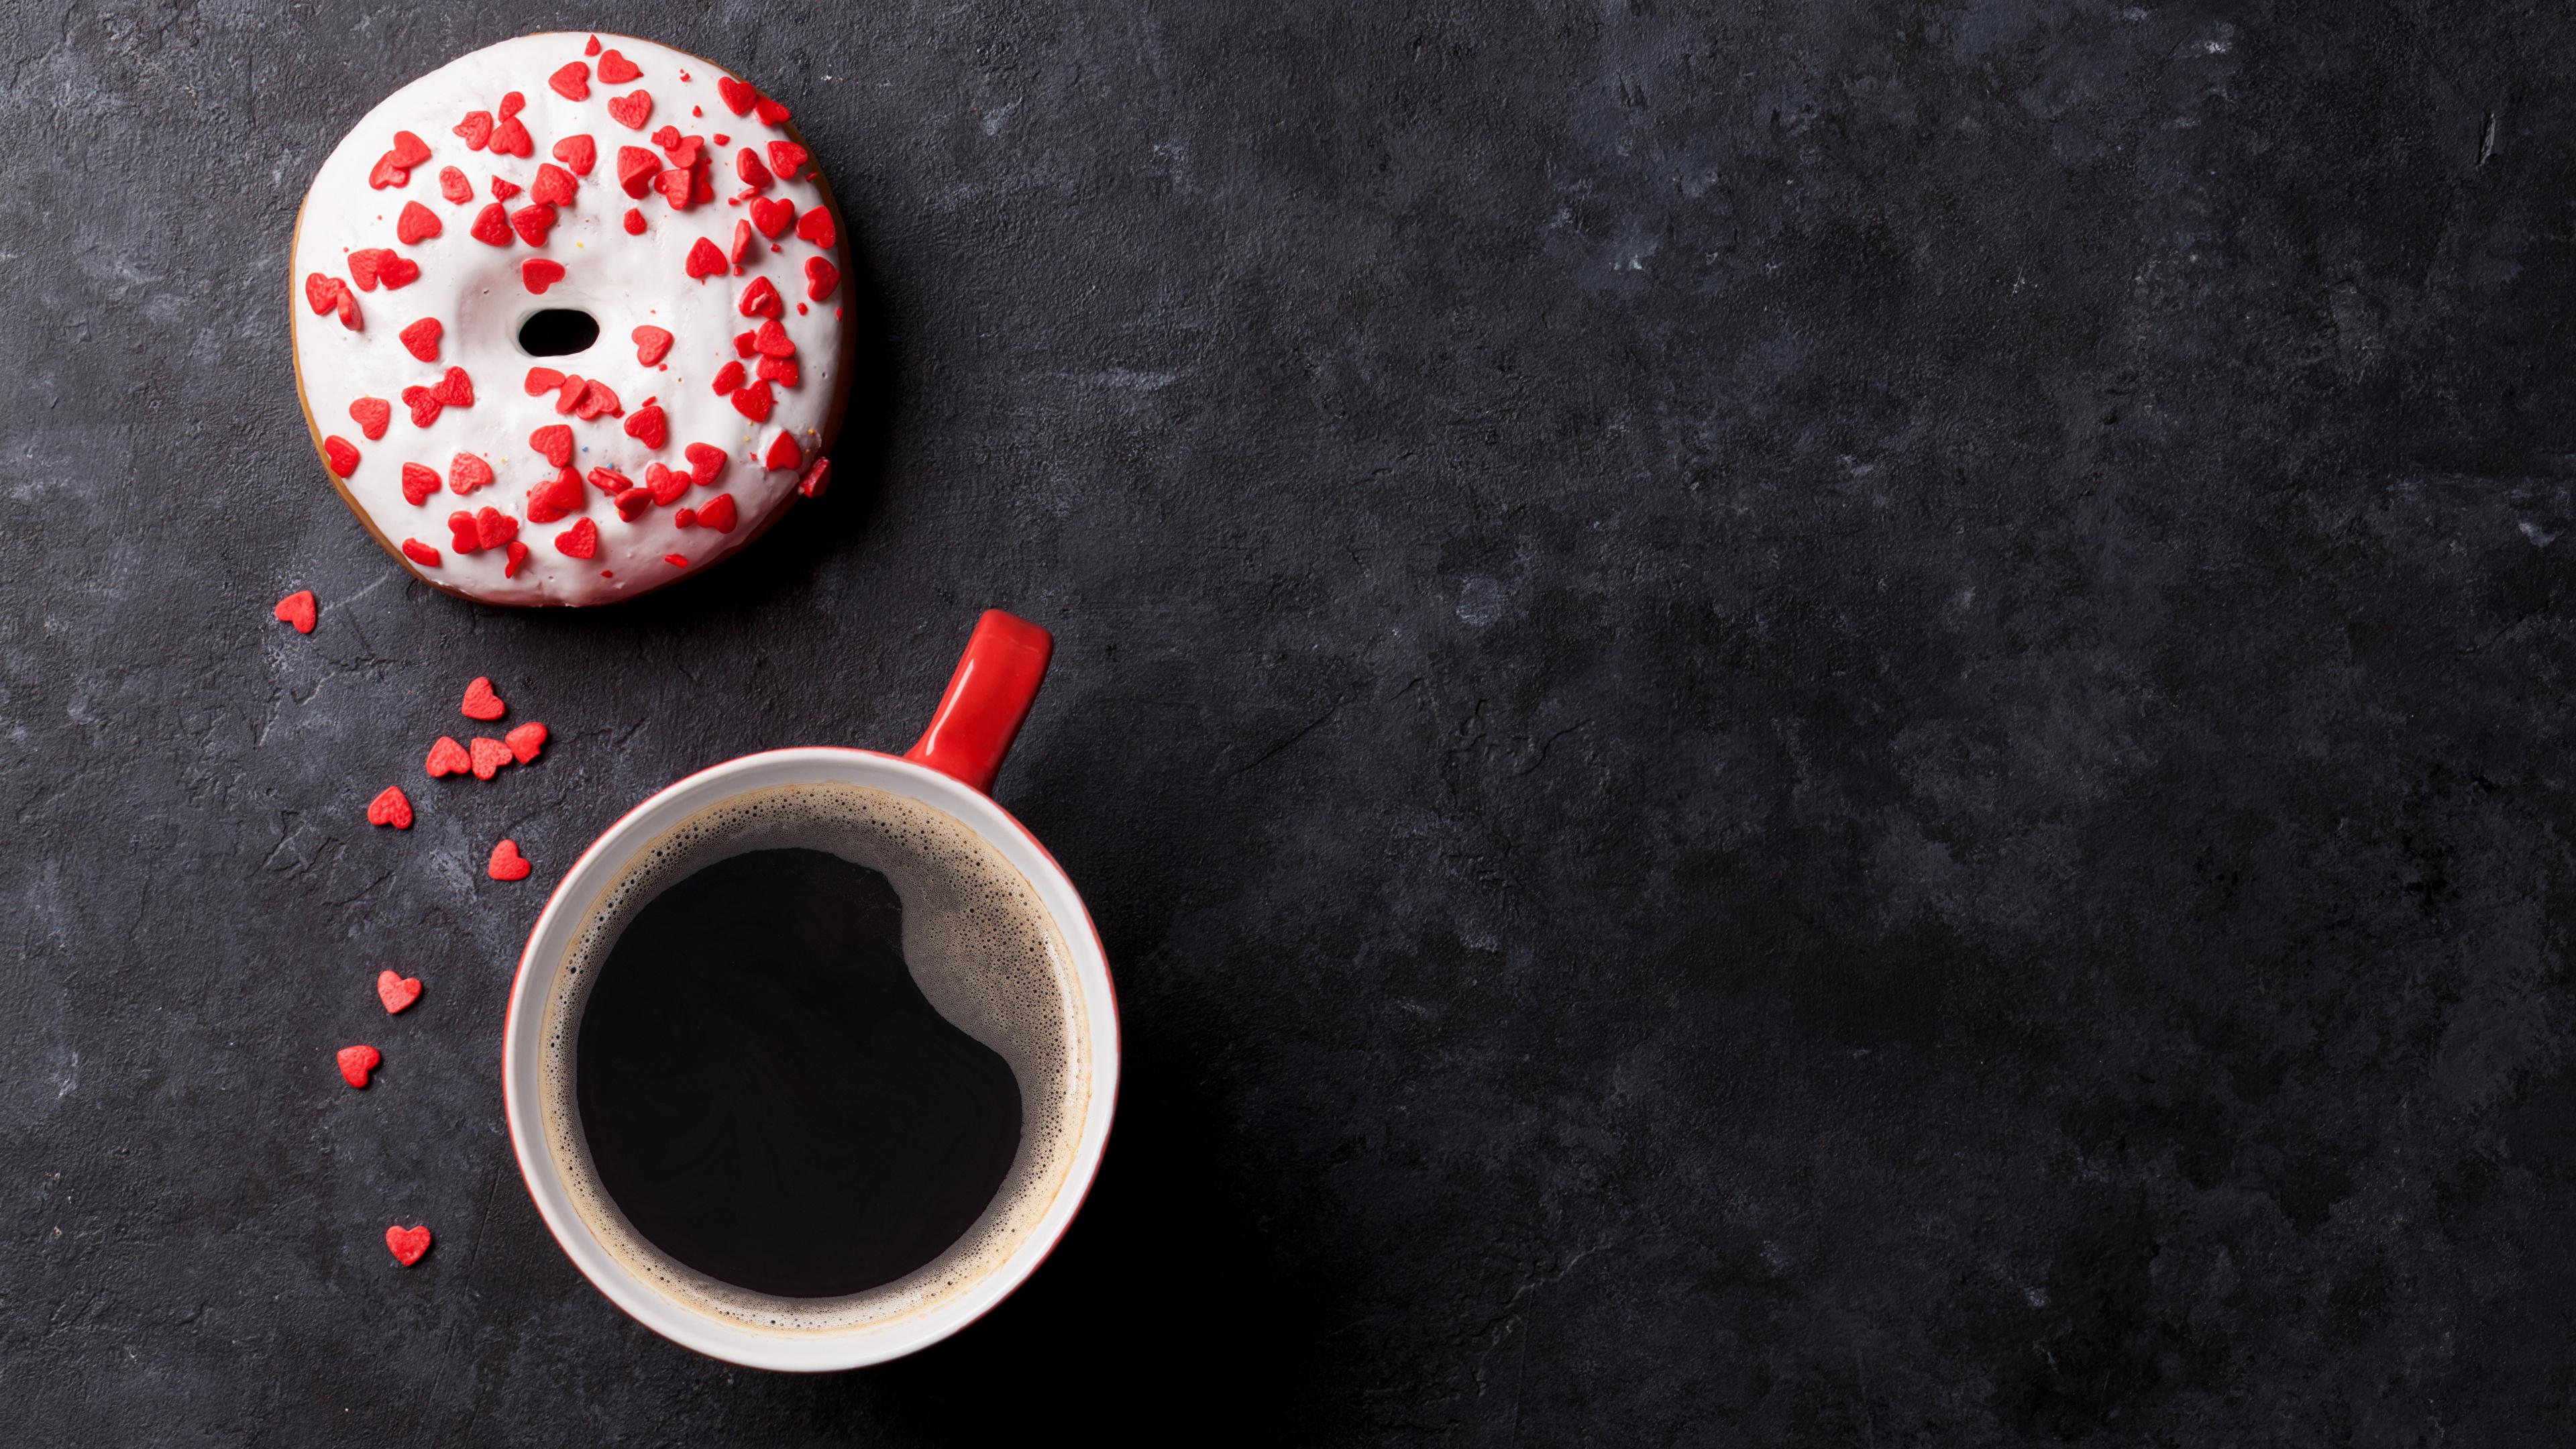 Обои Сердце Кофе Пончики чашке Продукты питания Сладости 3840x2160 серце сердца сердечко Еда Пища Чашка